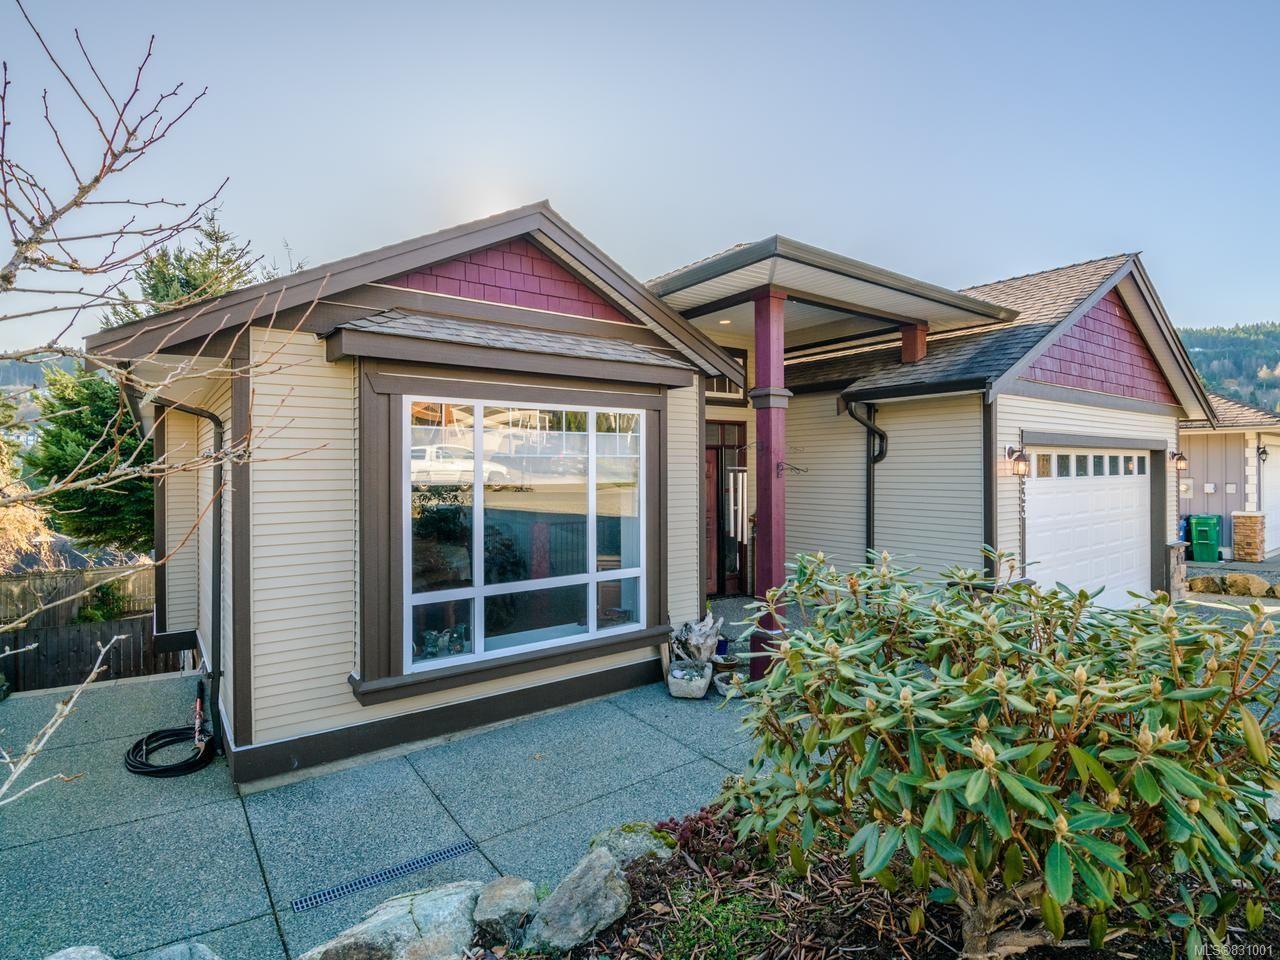 Main Photo: 4933 Ney Dr in NANAIMO: Na North Nanaimo House for sale (Nanaimo)  : MLS®# 831001